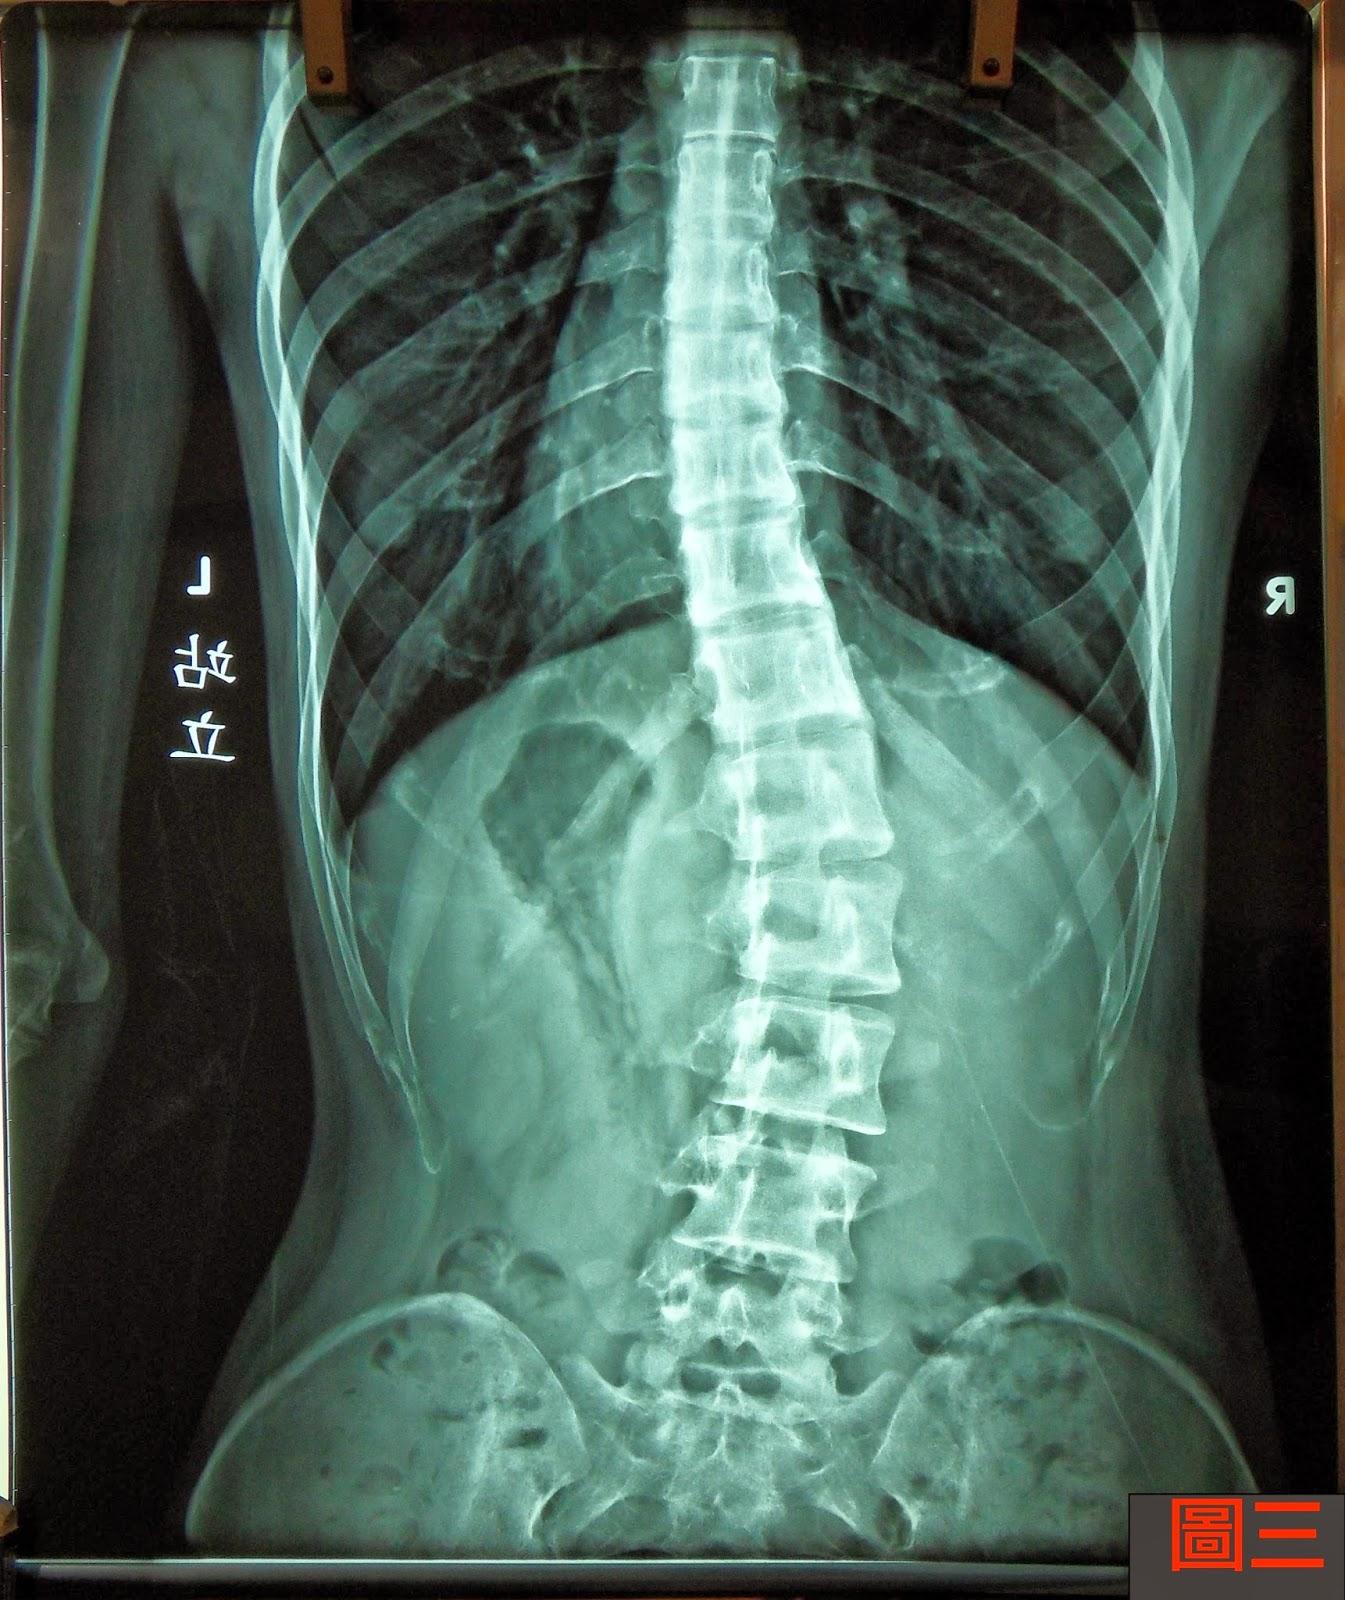 脊椎側彎手術, 脊椎側彎開刀, 脊椎側彎矯正, 脊椎側彎治療, 脊椎側彎矯正成功案例, 脊椎側彎手術成功率, 脊椎側彎復健